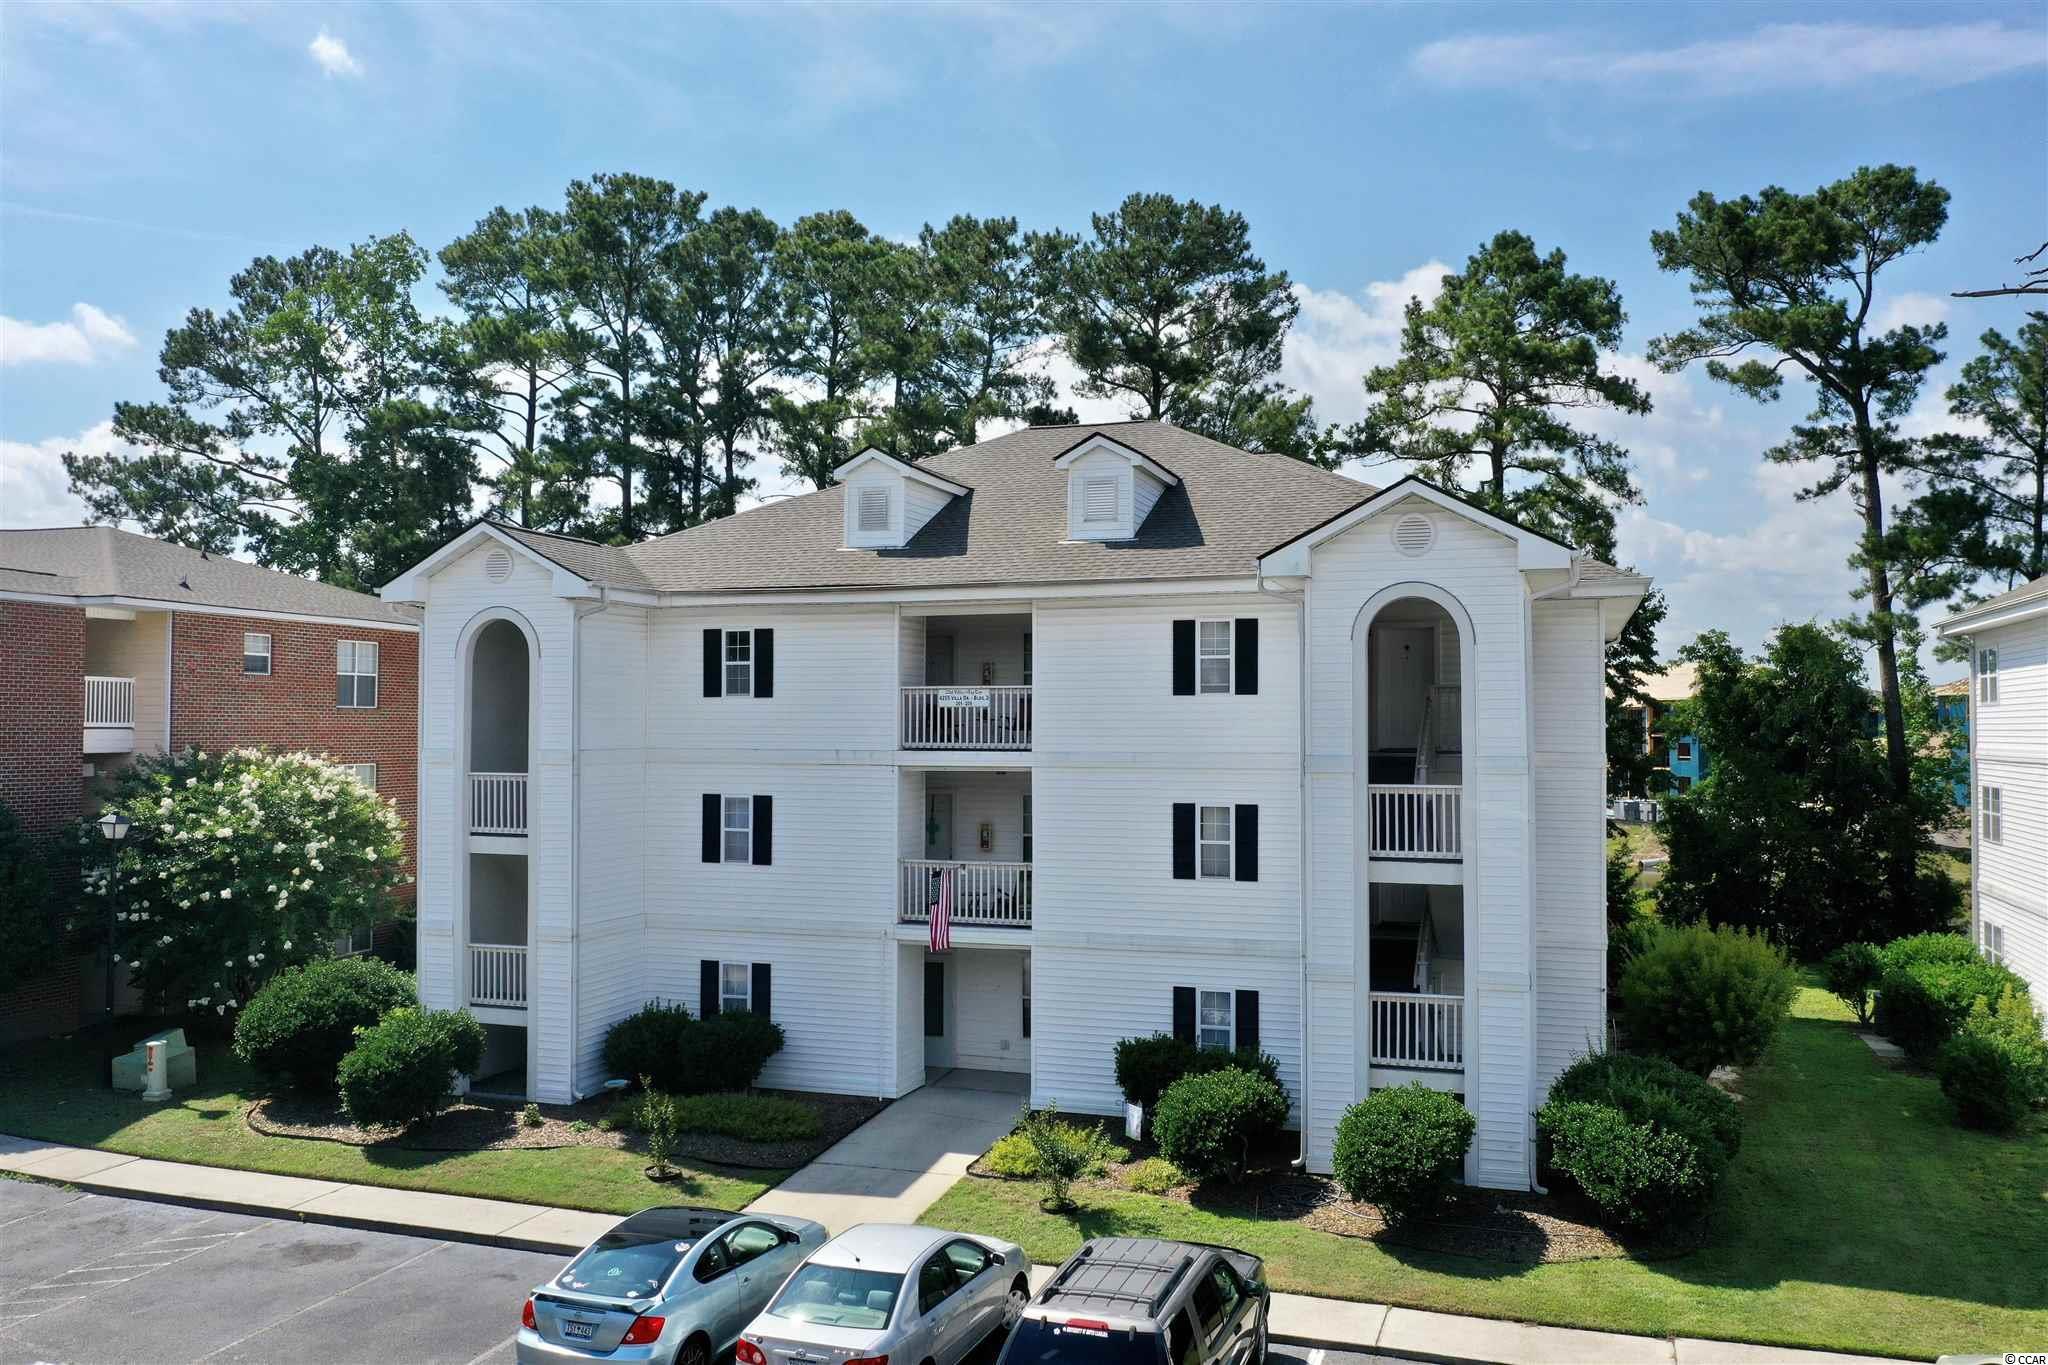 Club Villa At Baytree Real Estate Listings Main Image